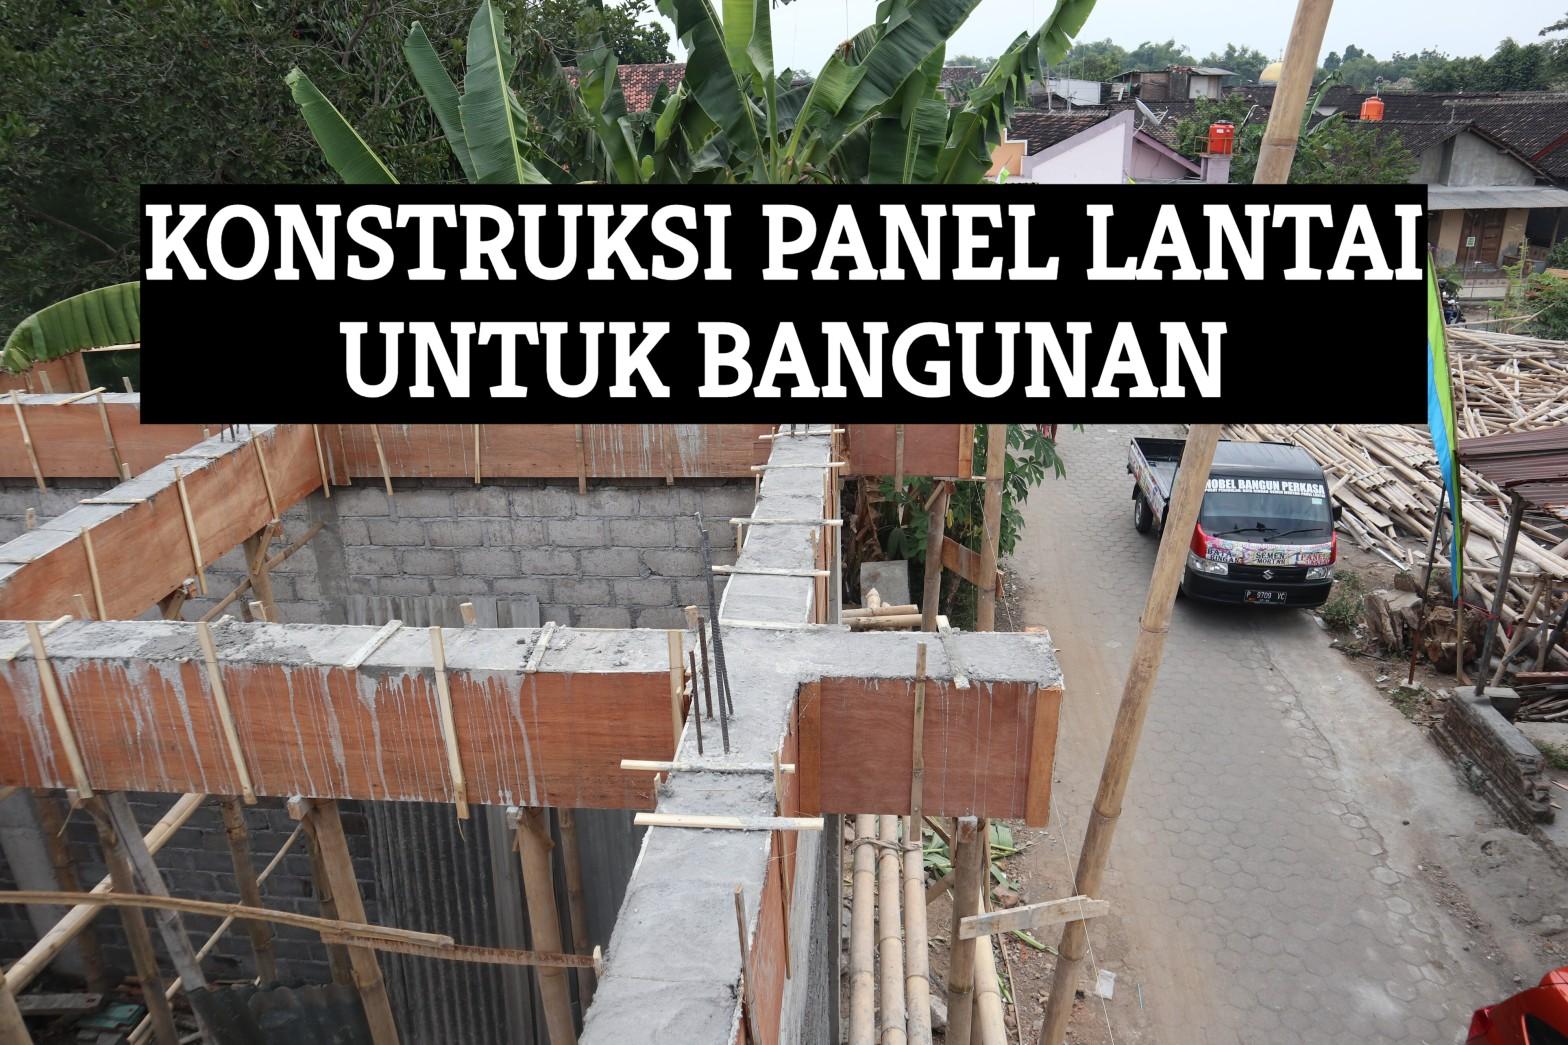 konstruksi panel lantai untuk bangunan, berat panel lantai hebel, cara pasang panel lantai hebel, cara pemasangan dak panel hebel, harga panel lantai hebel, kekuatan panel lantai hebel, kekurangan panel lantai hebel, konstruksi panel lantai hebel, panel lantai hebel, ukuran panel lantai hebel